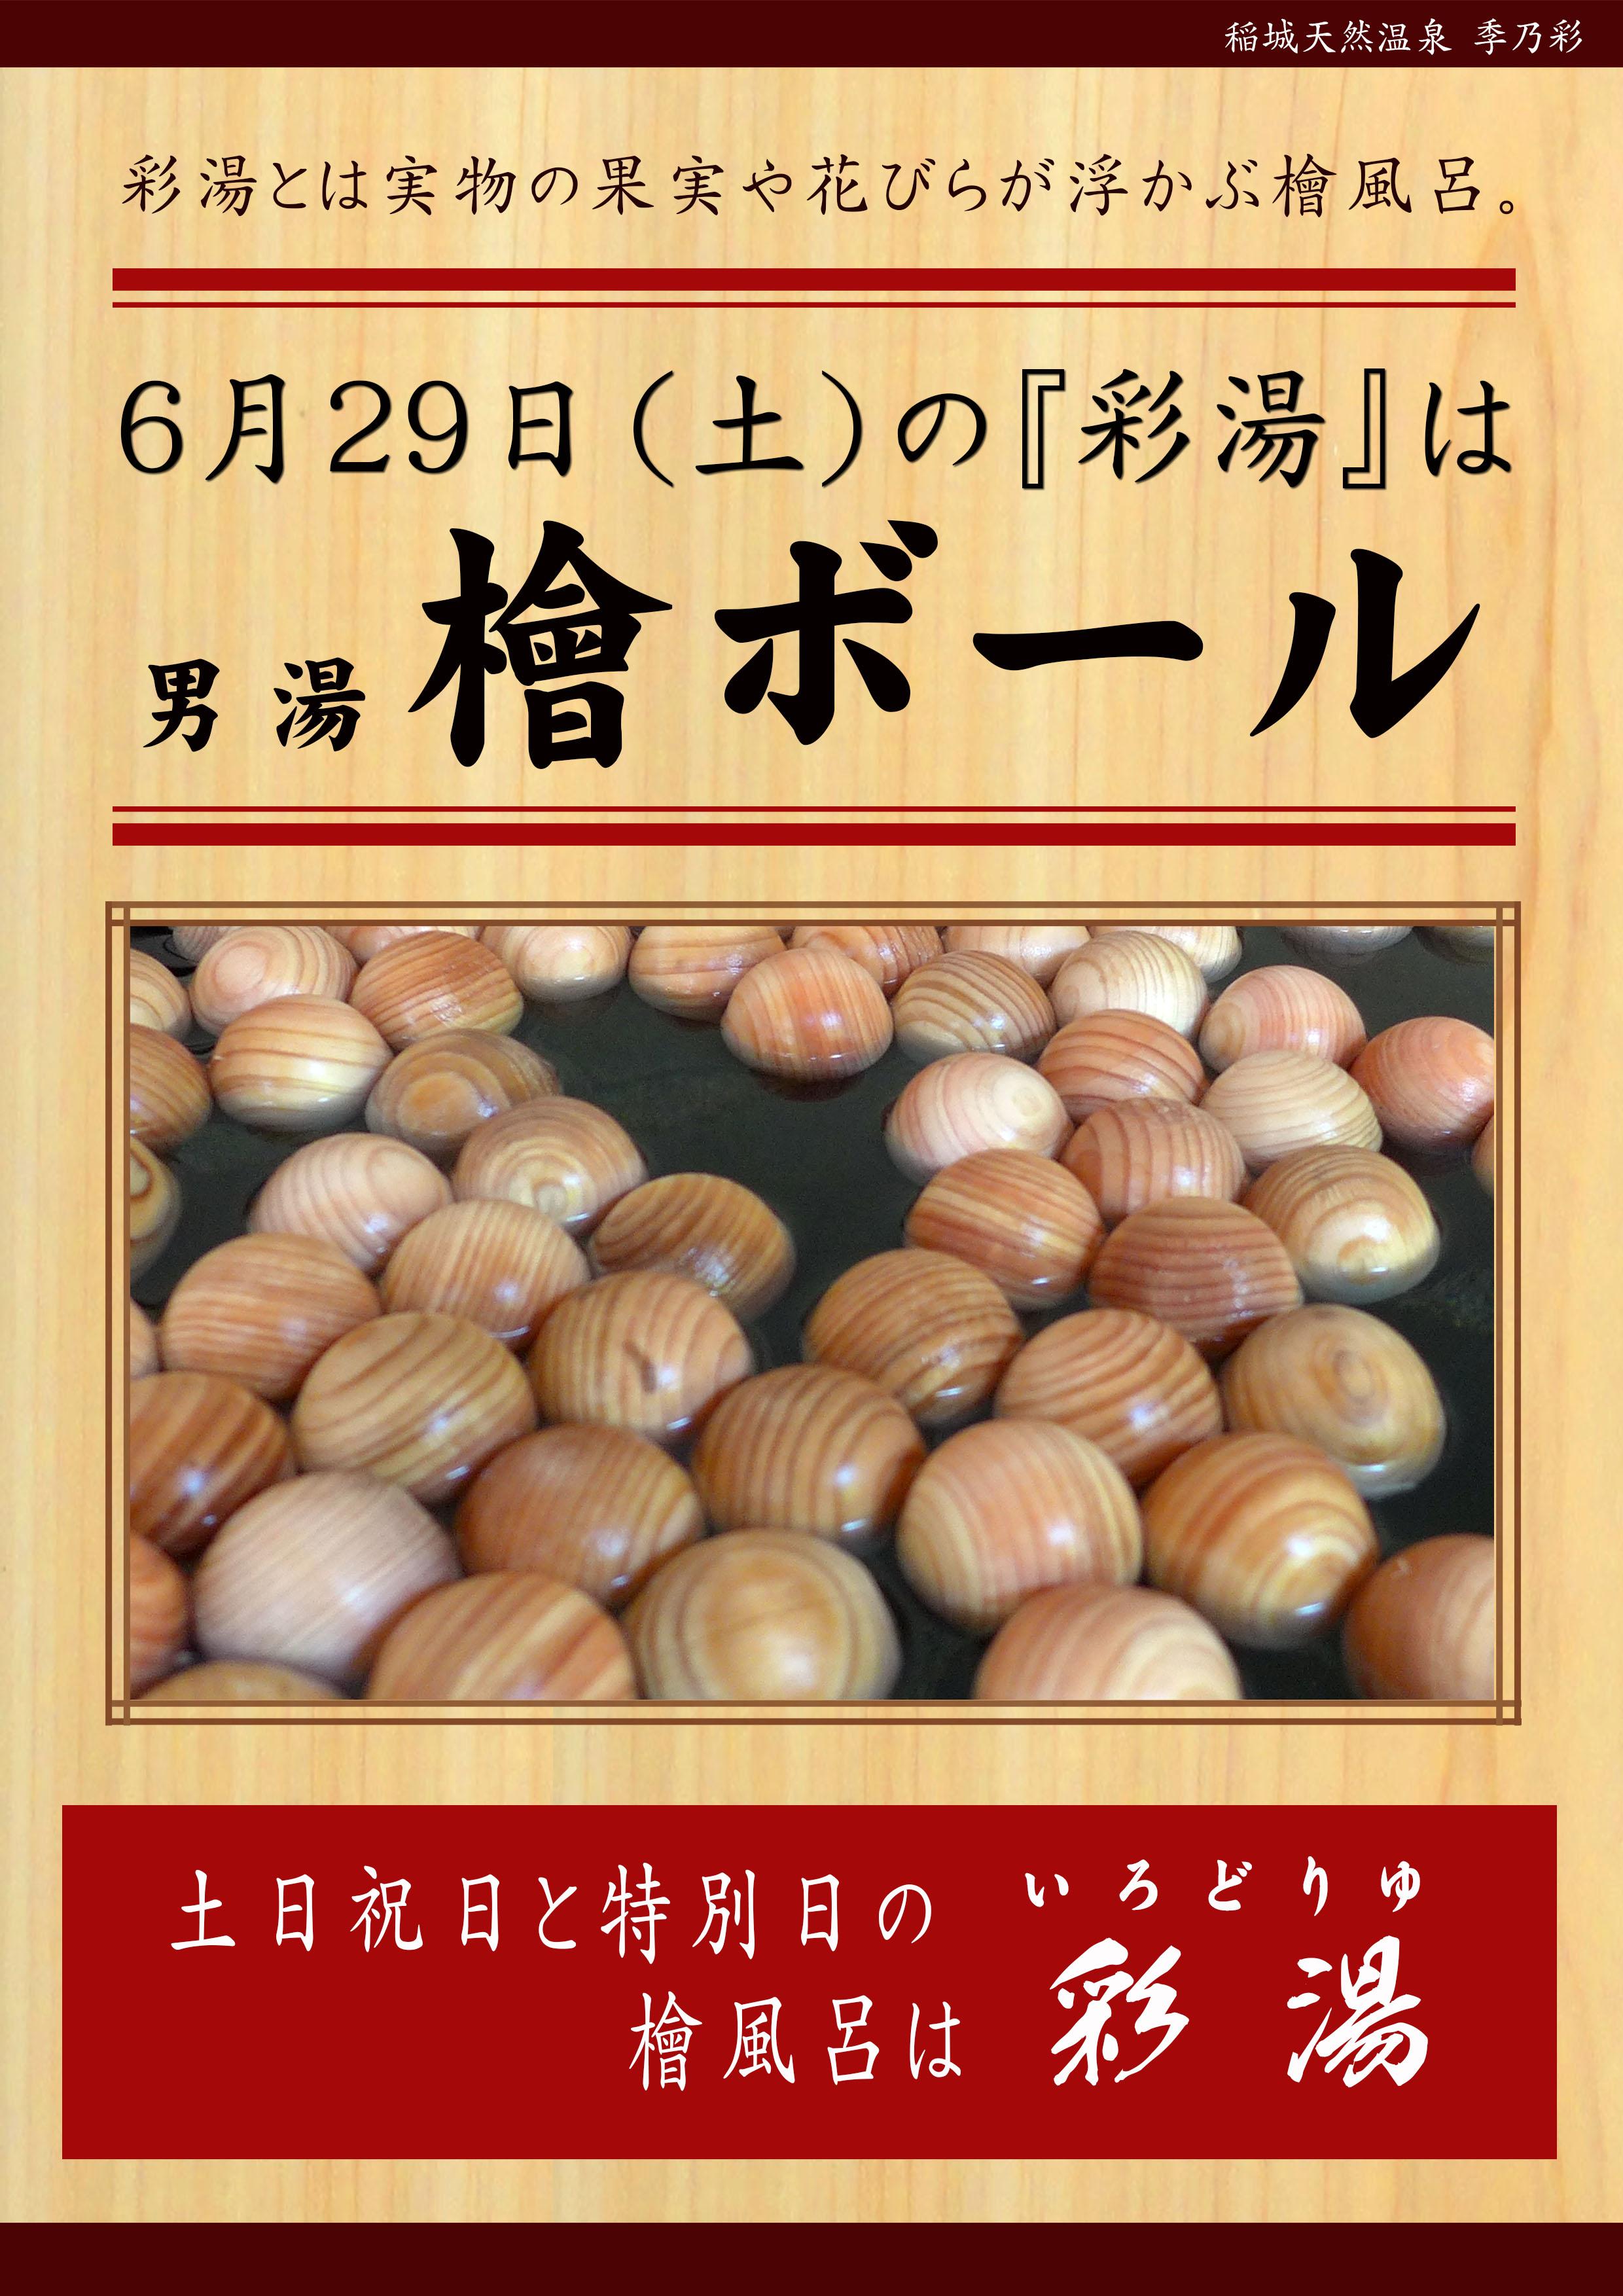 190629 イベント 彩湯 男湯 檜ボール